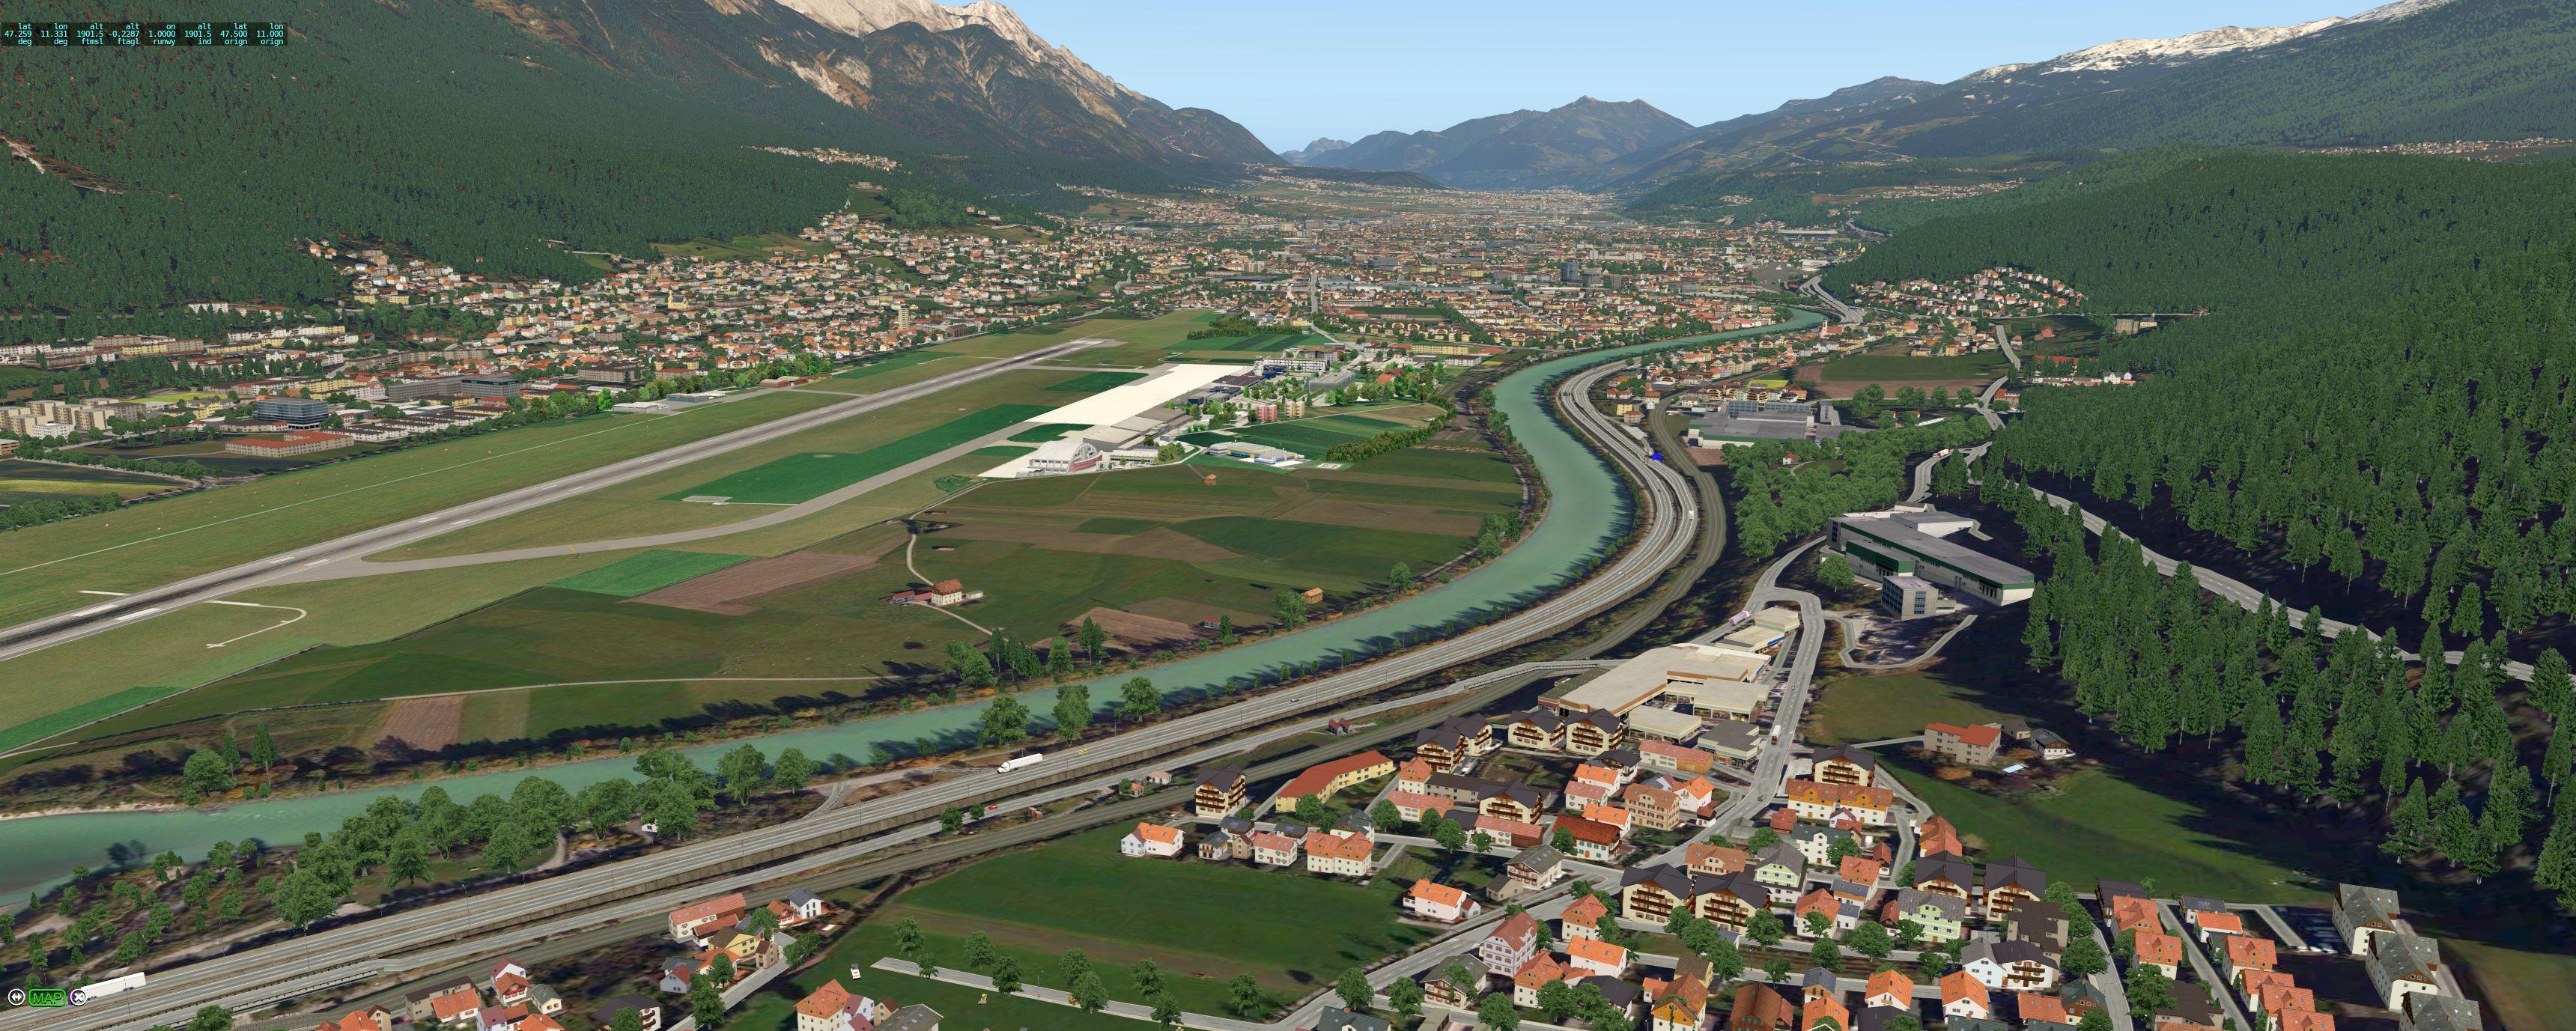 1_X-Europe-3_Innsbruck1